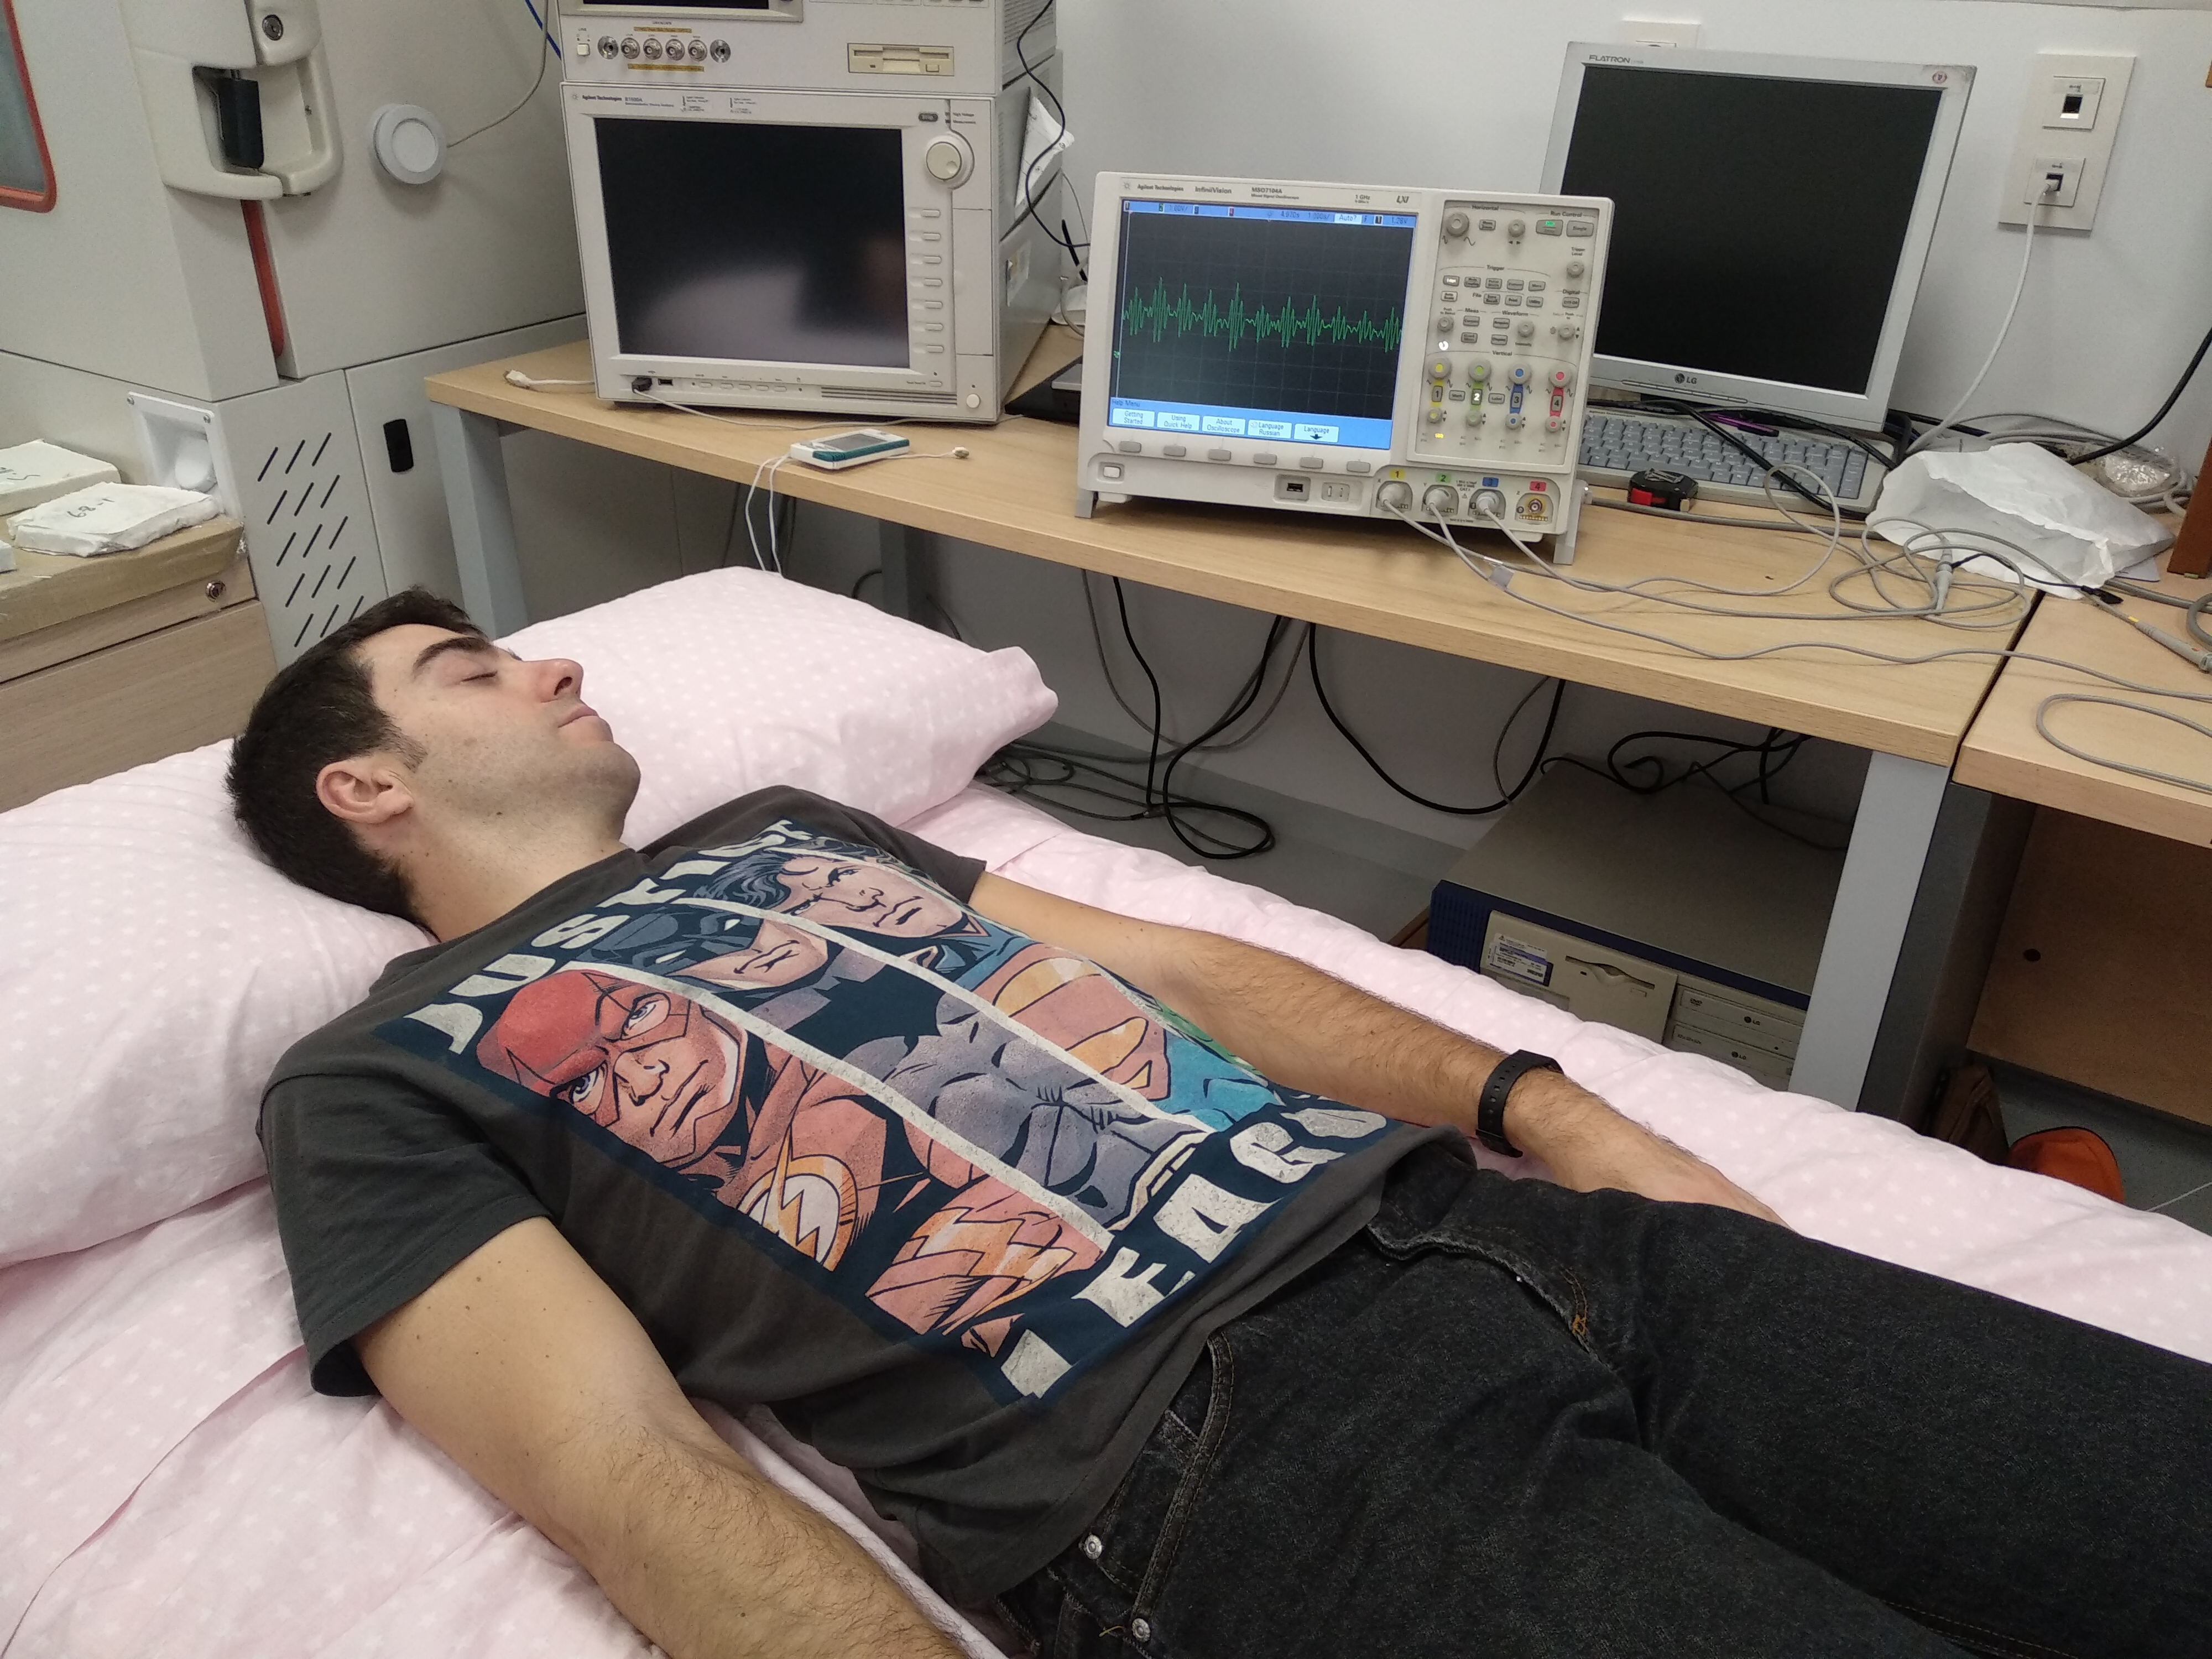 Investigadores de la Universidad de Granada diseñan una cama para evaluar la calidad del sueño durante el descanso